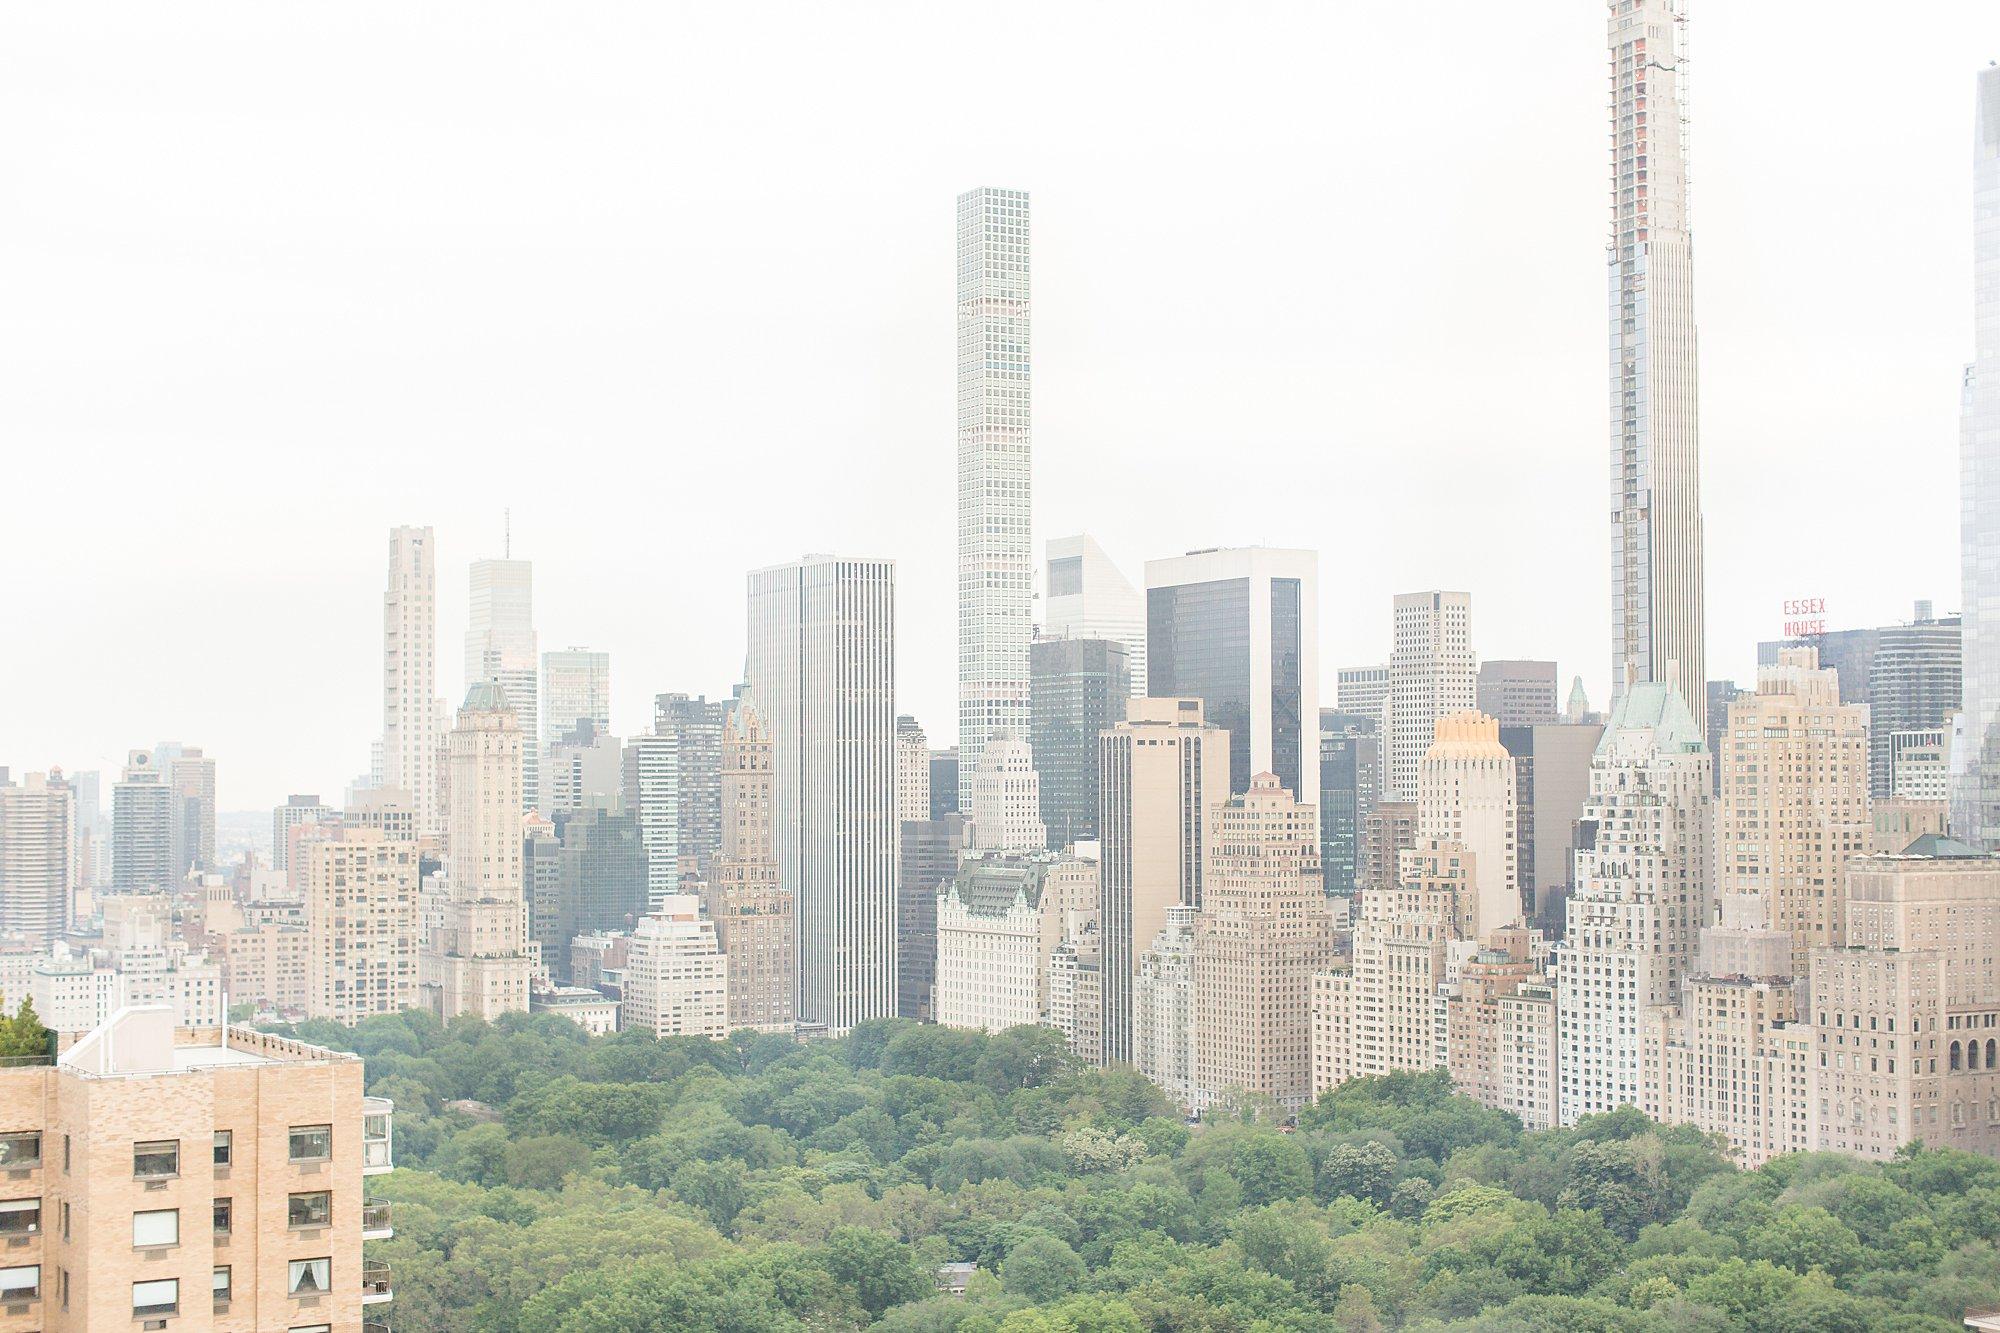 Central Park New York Engagement Session_0021.jpg